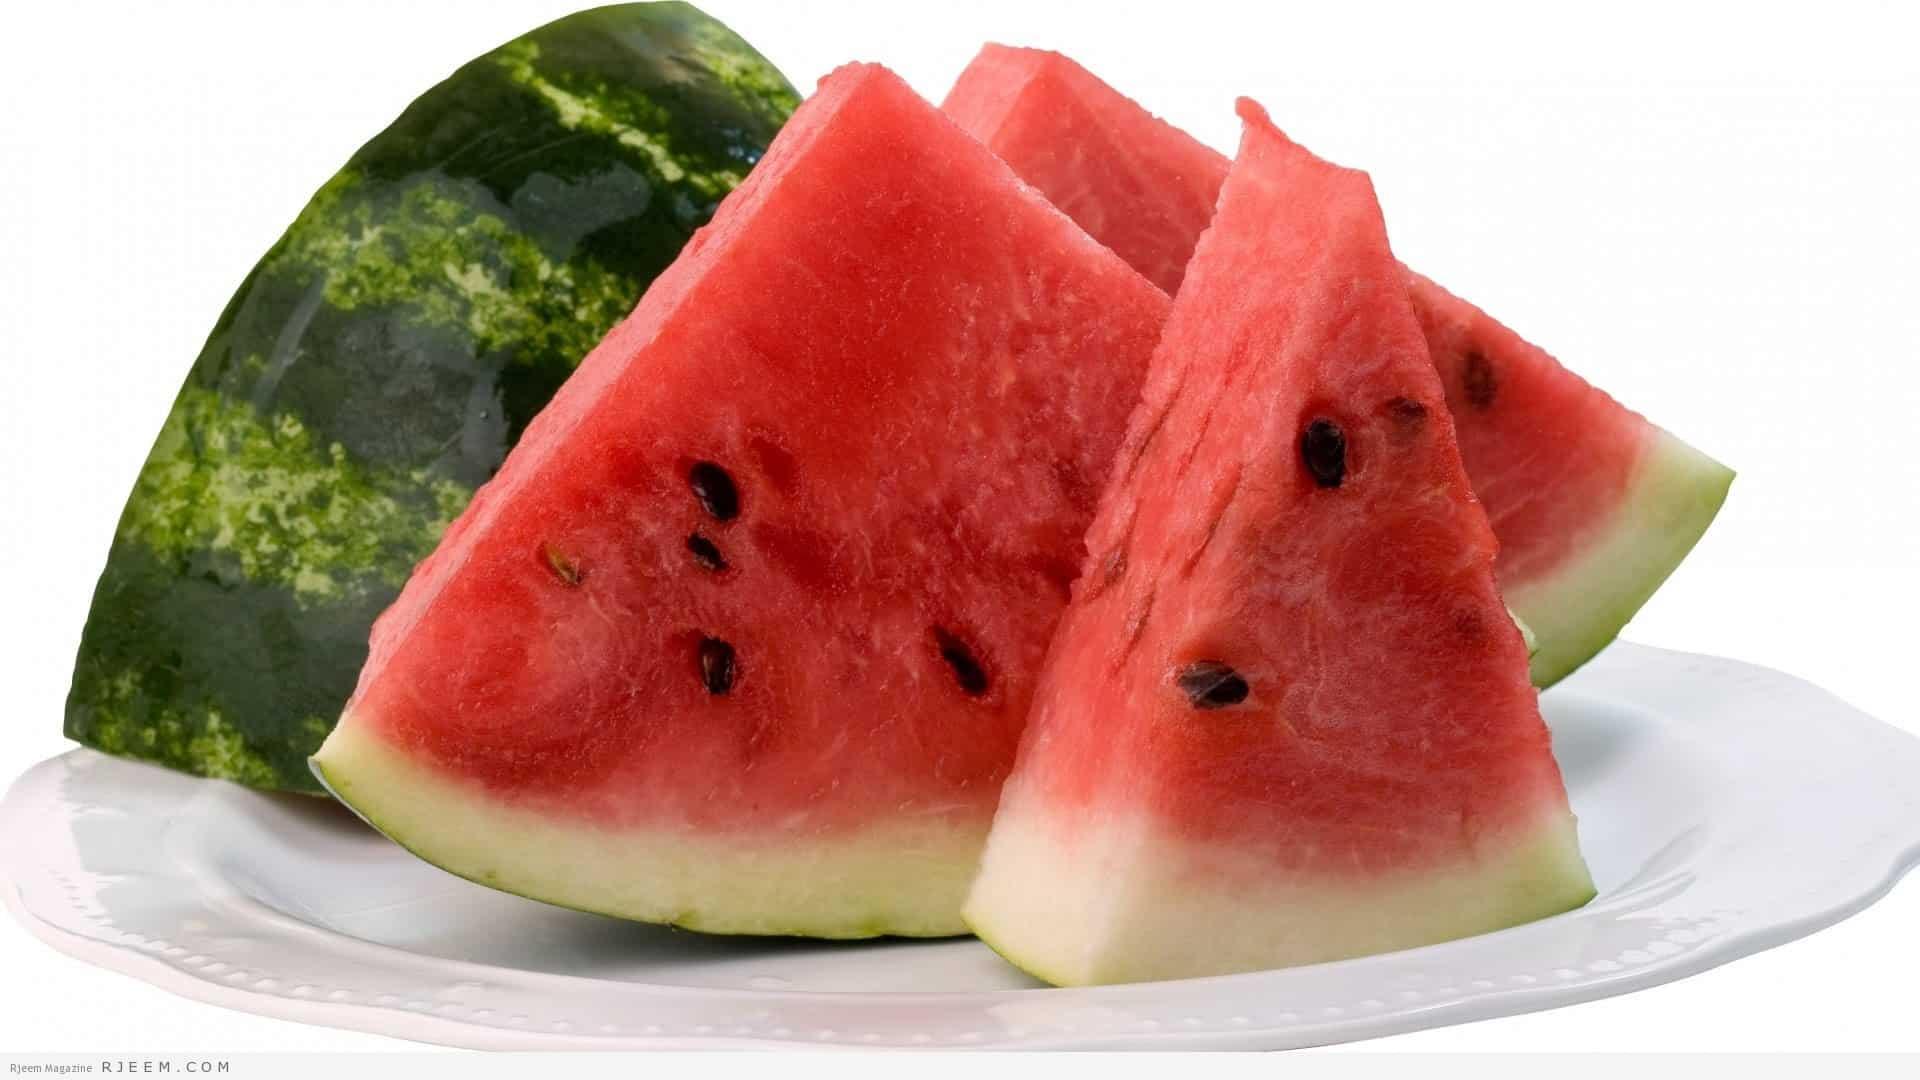 لا تفوتي الاستمتاع بفوائد البطيخ على بشرتك هذه الصائفة